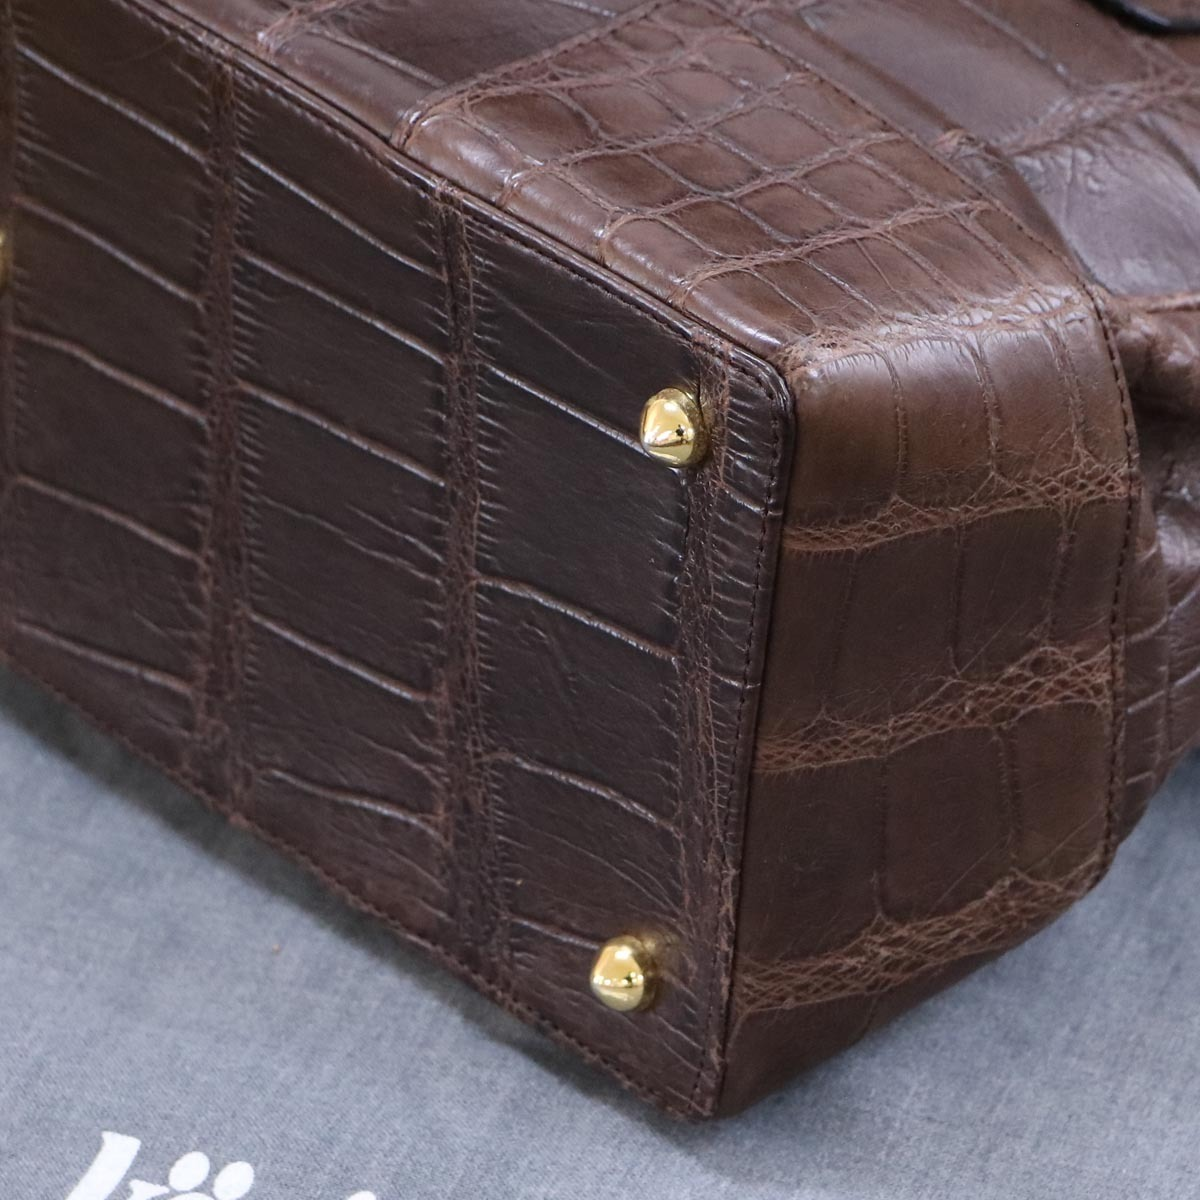 本物 極上品 クーニギン 最高級マットクロコダイルレザートートバッグ 総ワニ革 クロコレザーショルダーバッグ 袋 冊子付 KONIGIN_画像6